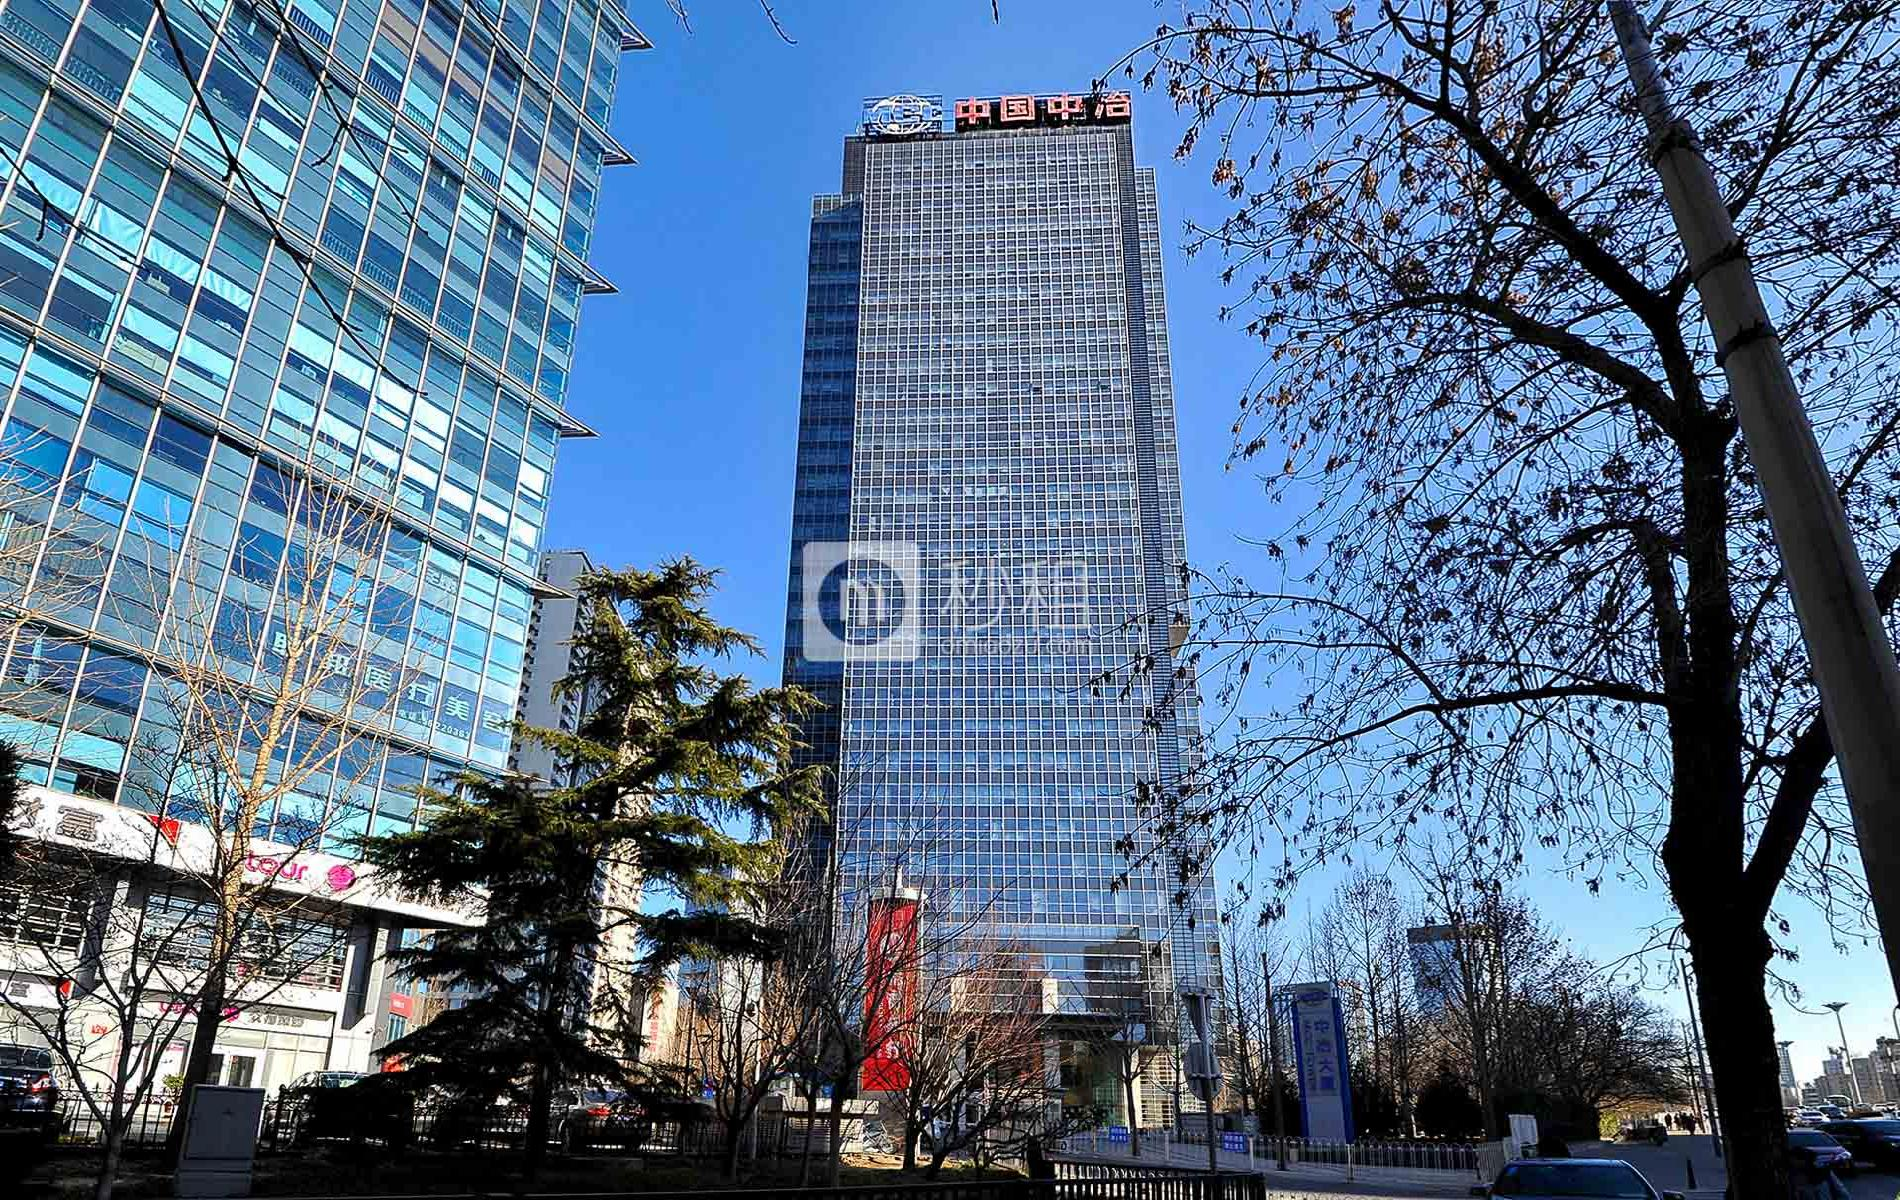 中国中冶大厦写字楼出租/招租/租赁,中国中冶大厦办公室出租/招租/租赁